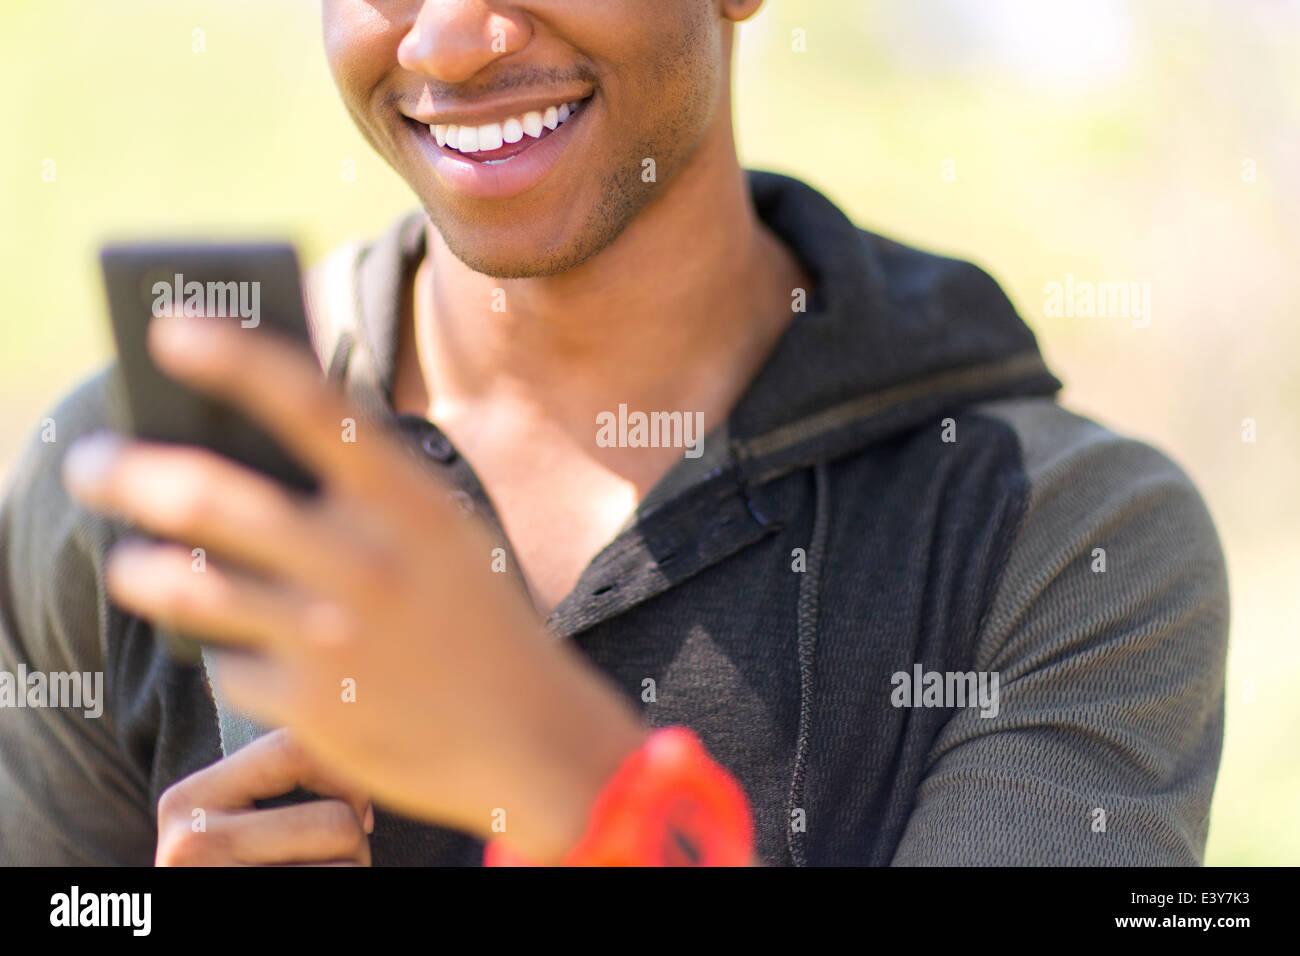 Chiusura del giovane maschio escursionista guardando smartphone Immagini Stock